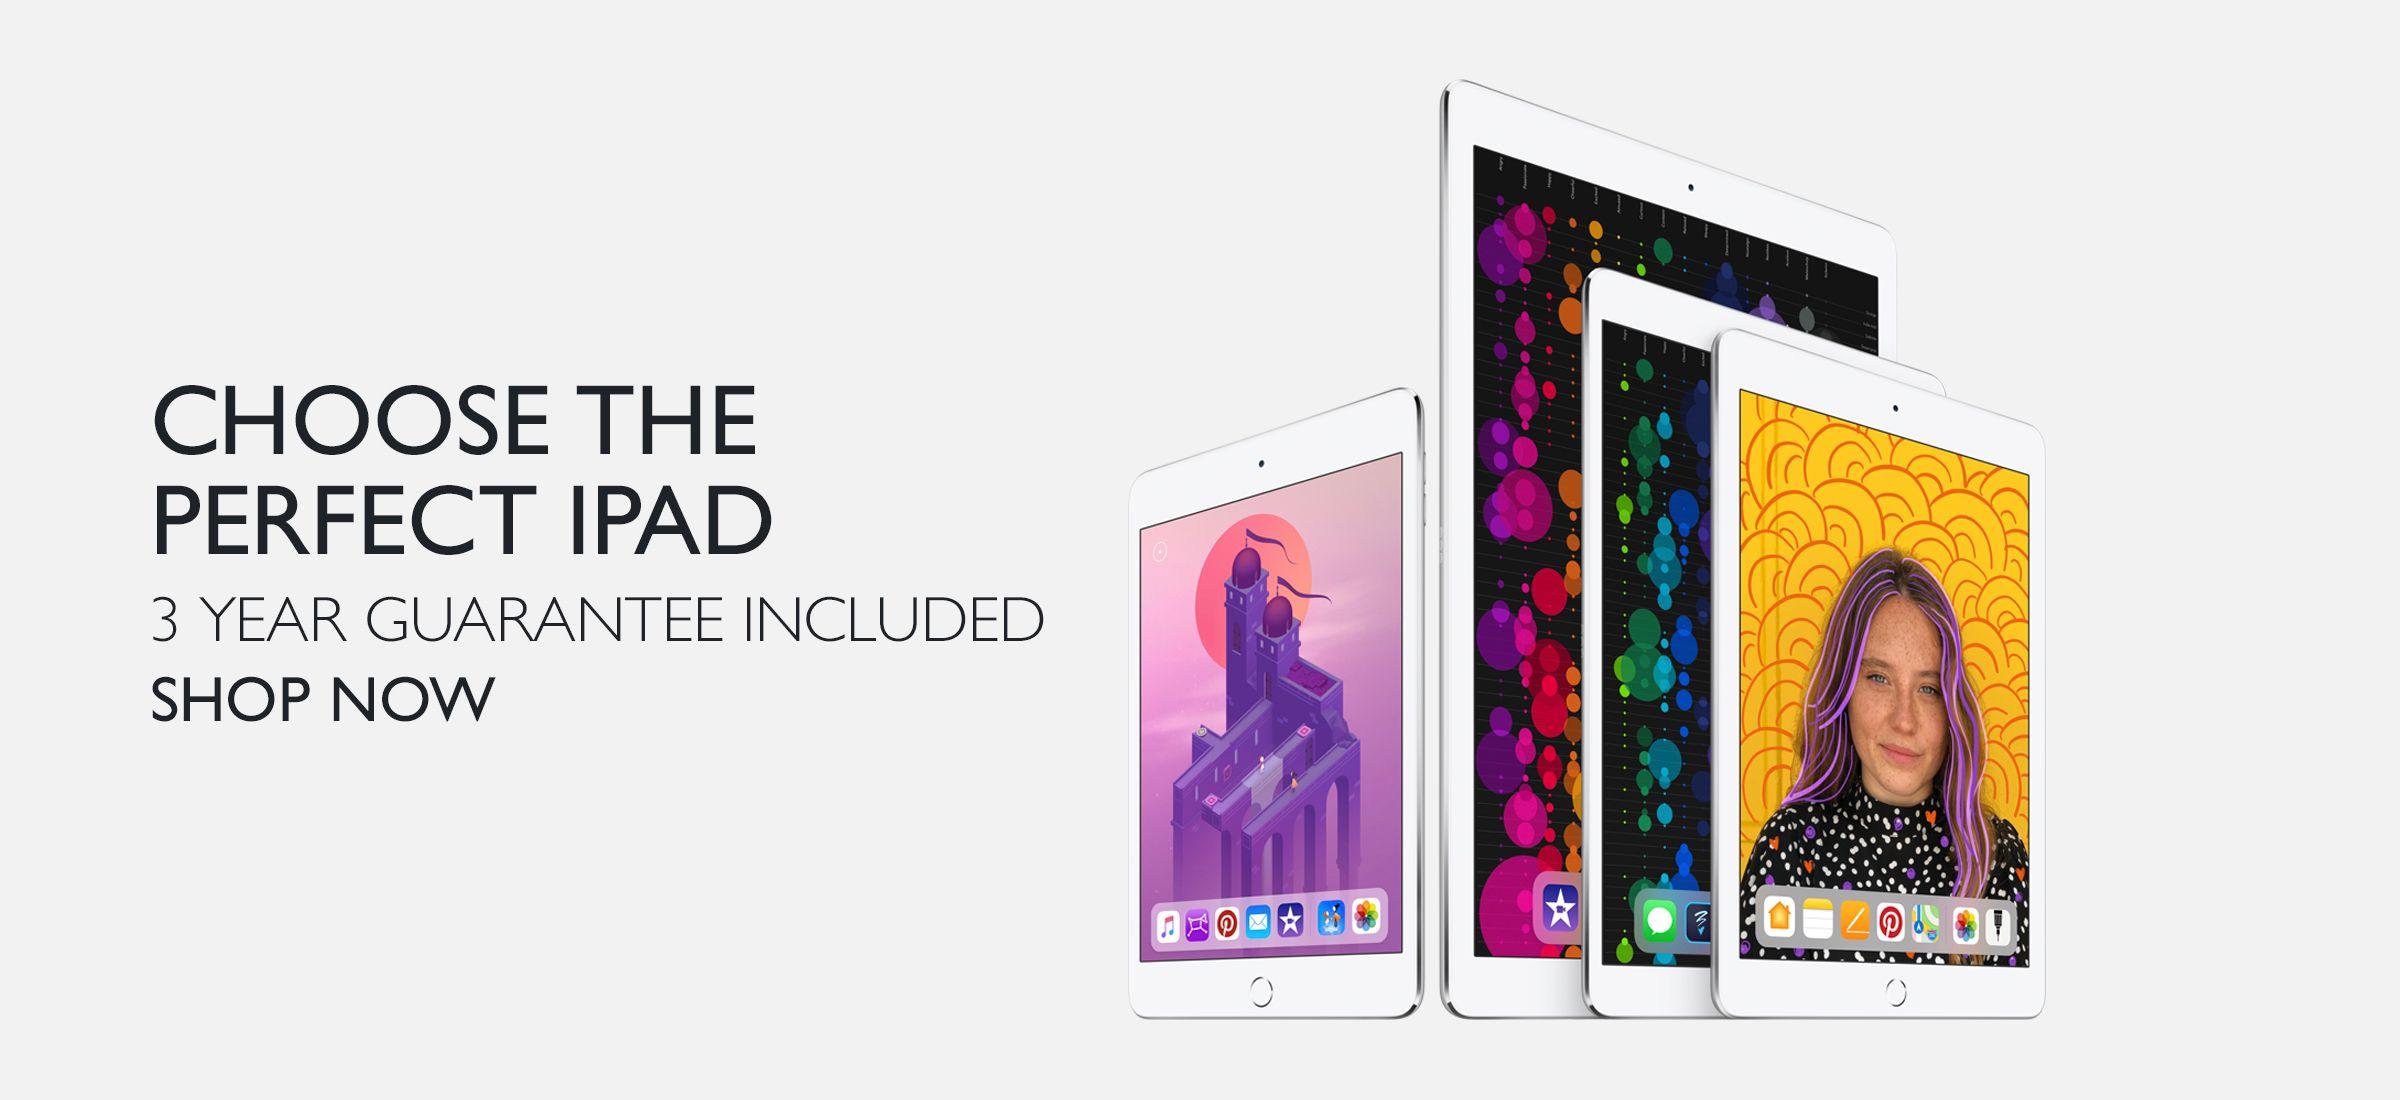 iPads & Tablets | Shop for Apple, Samsung, Lenovo Tablets | John Lewis